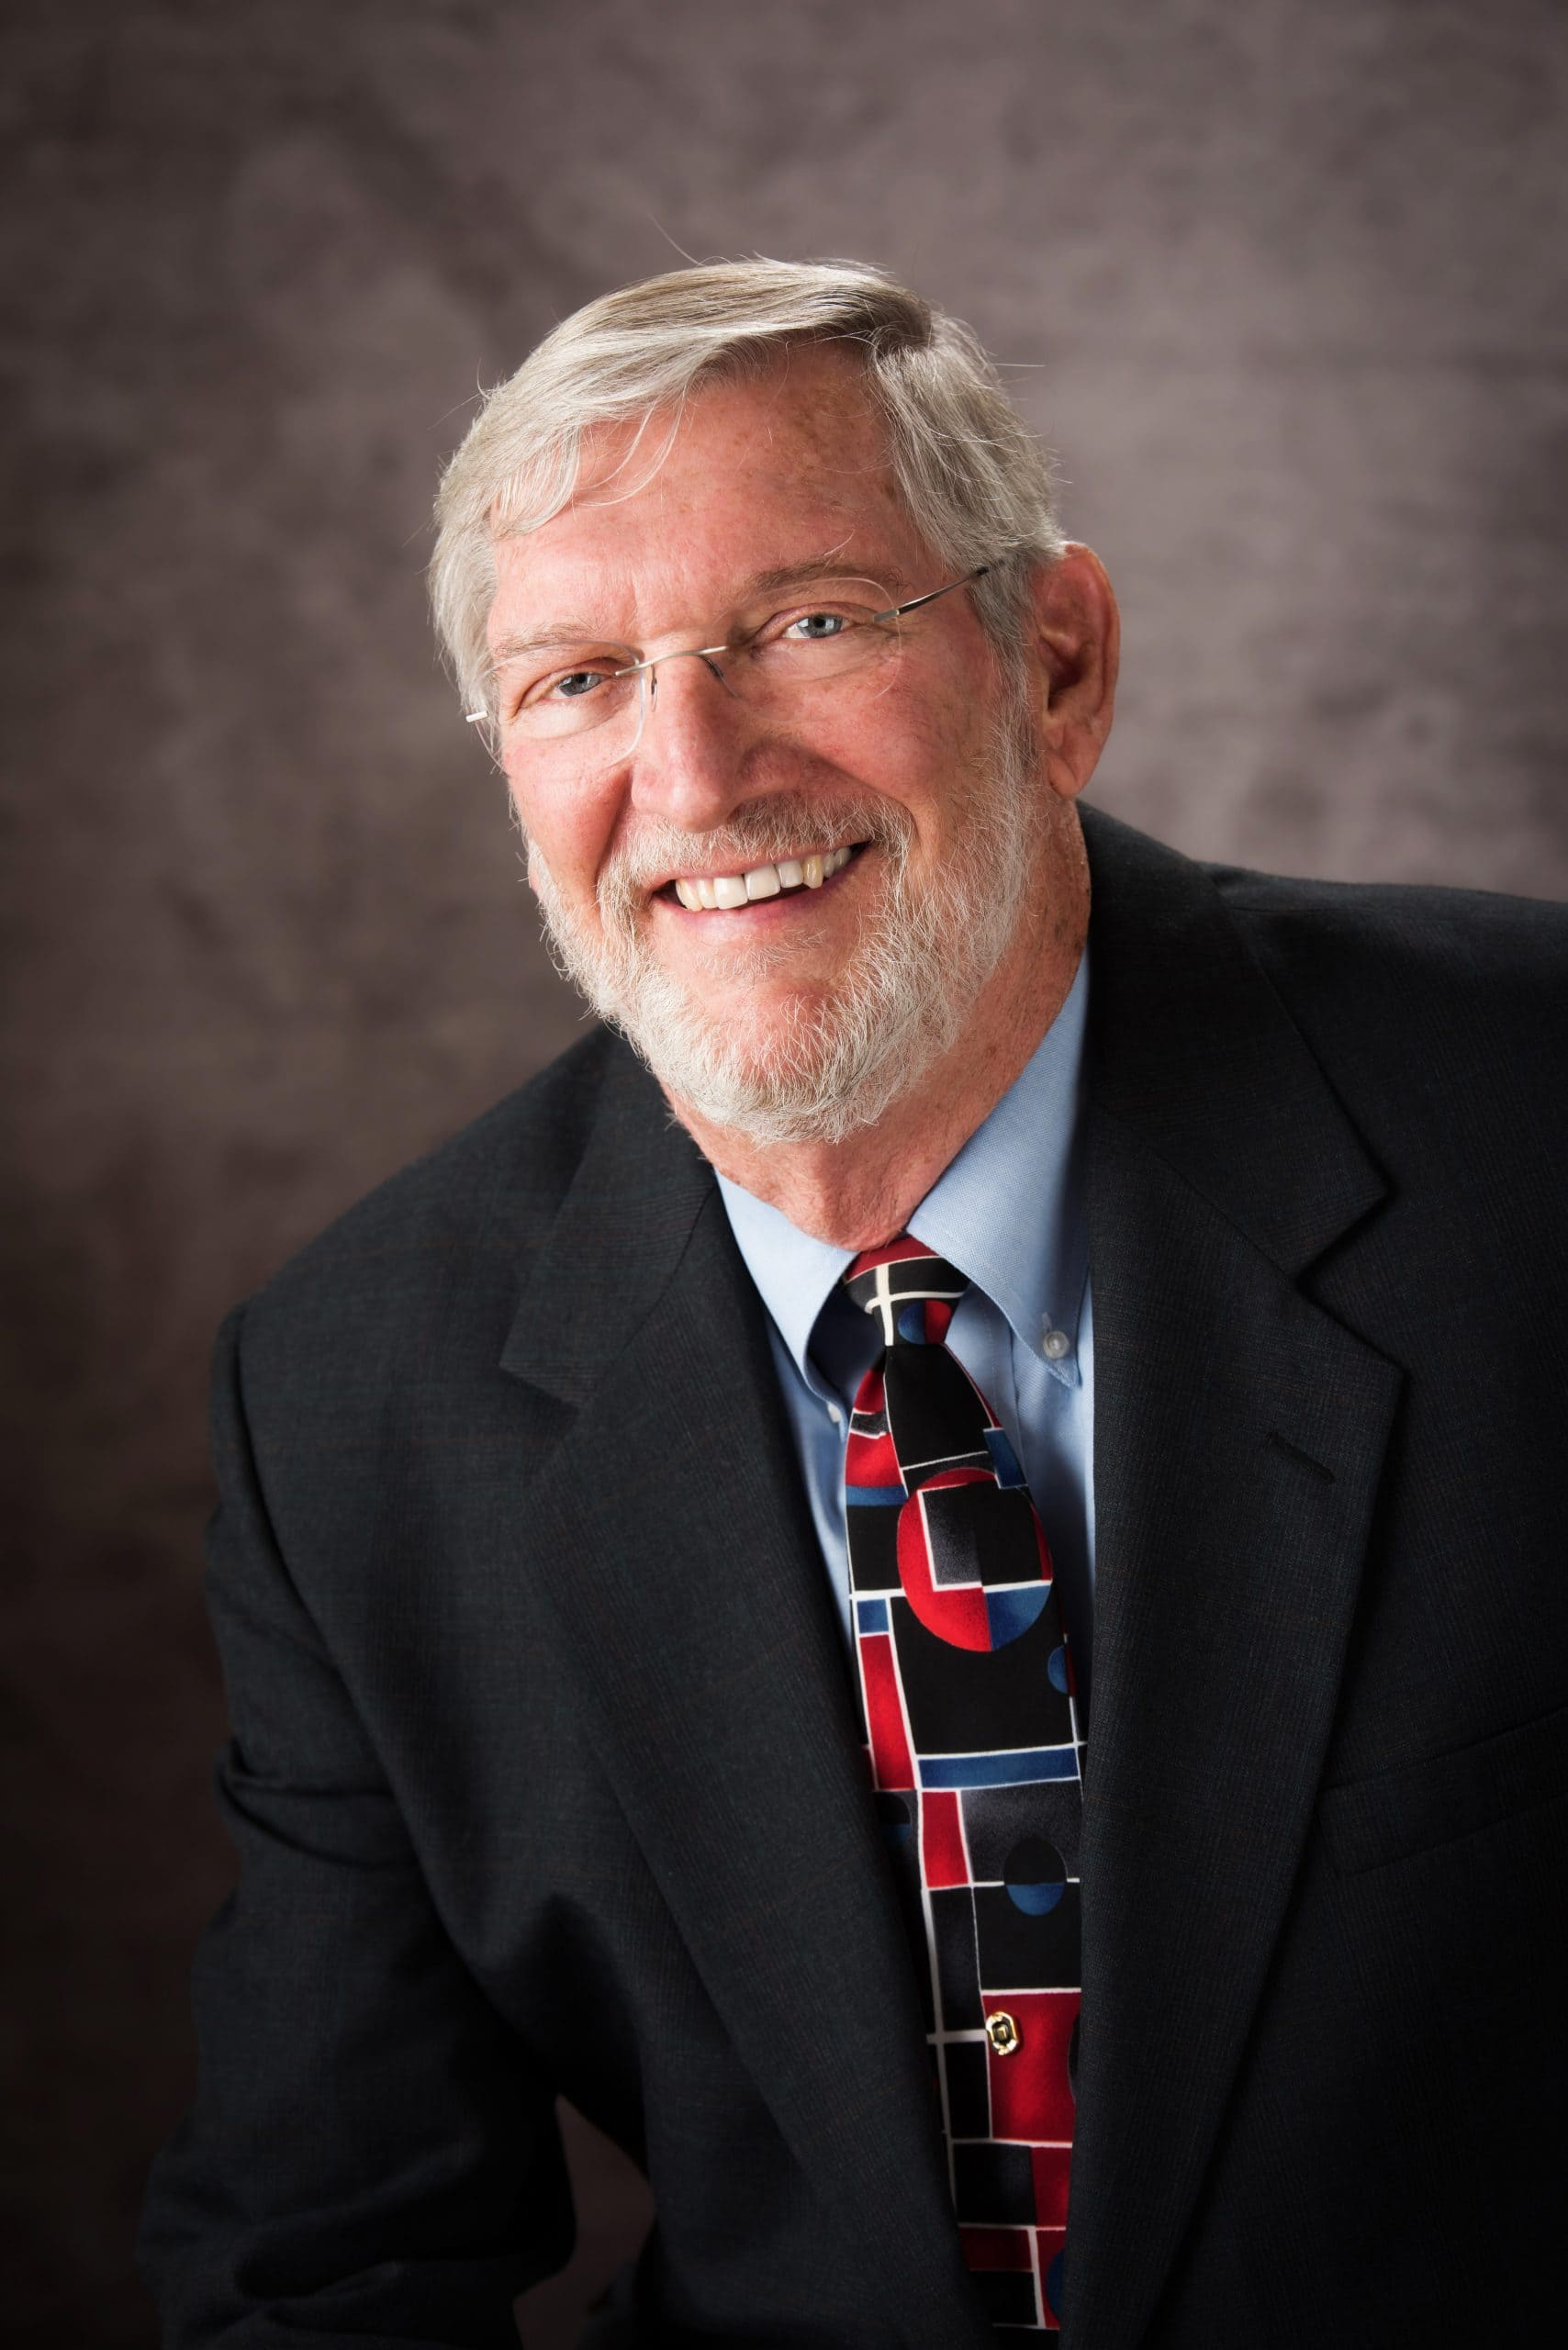 Dr. Dan Patterson